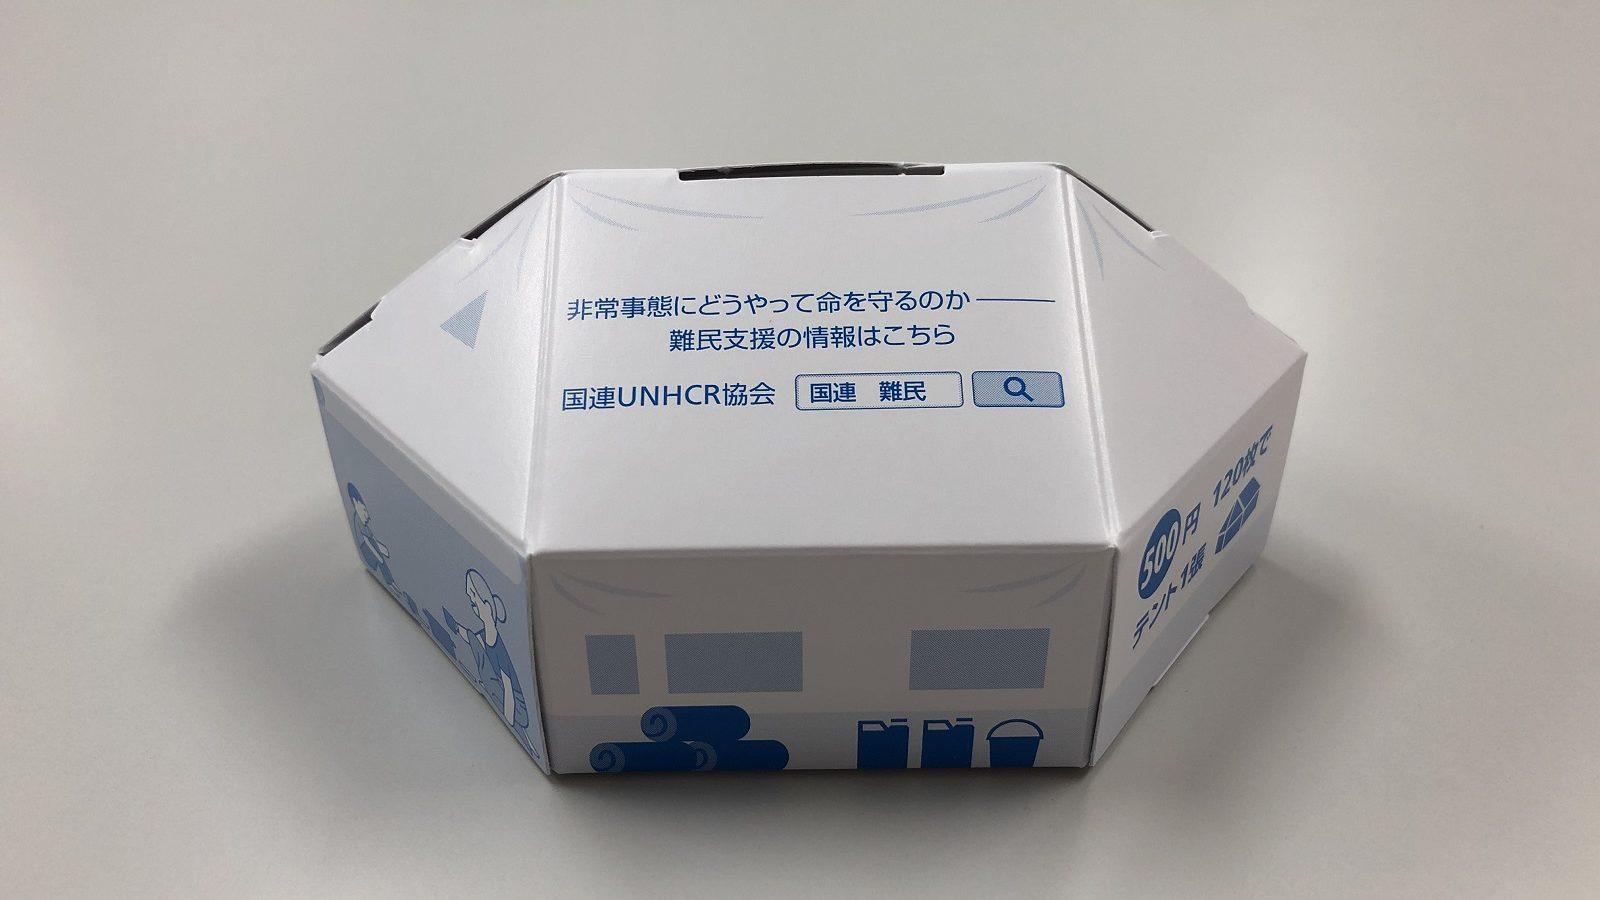 テント型貯金箱の制作事例